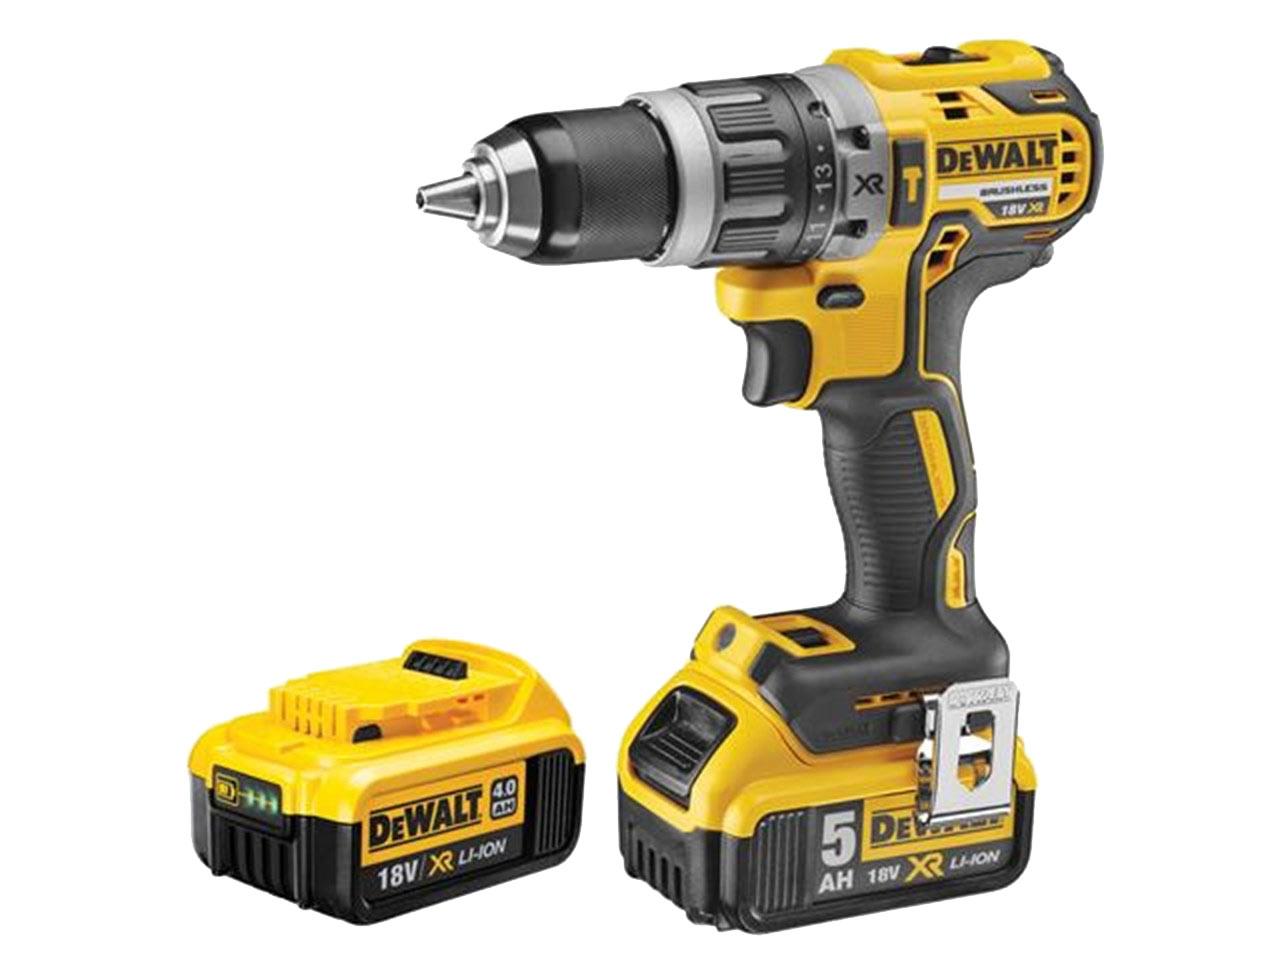 black friday deals dewalt drills uk